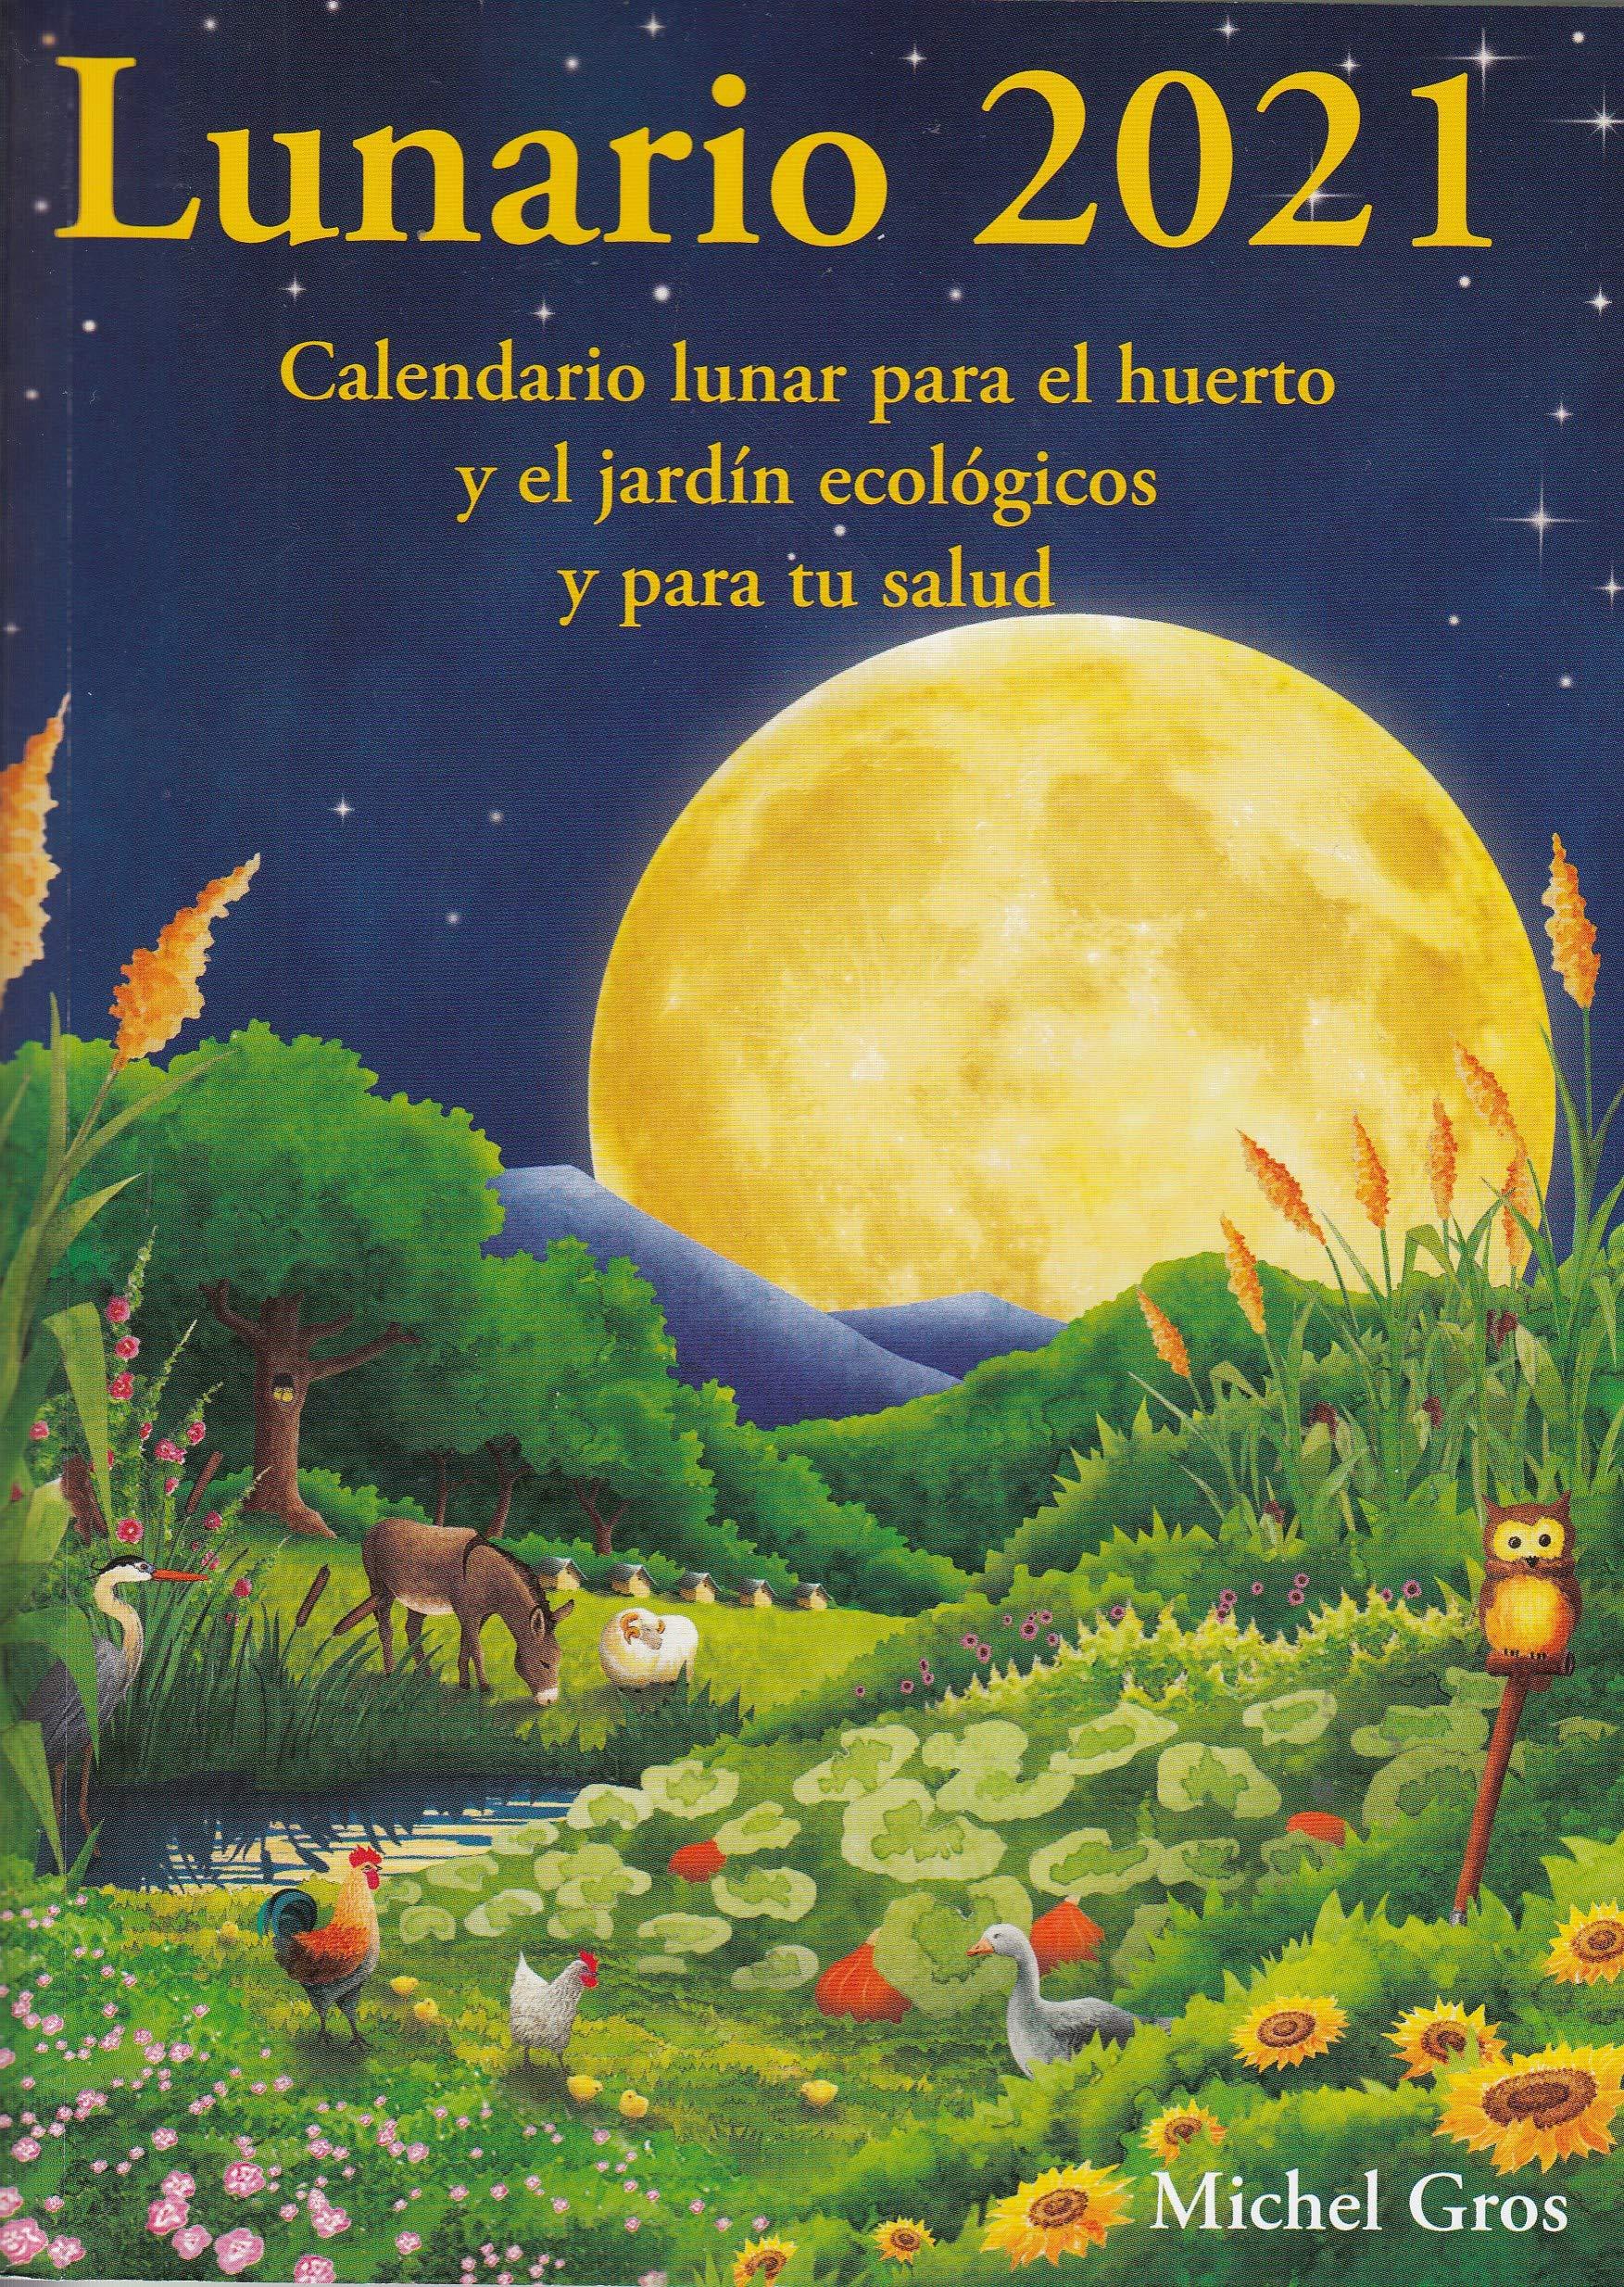 Lunario 2021 Calendario Lunar Para El Huerto Y El Jardin Ecologicos Y Gros Michel 9788494871931 Books